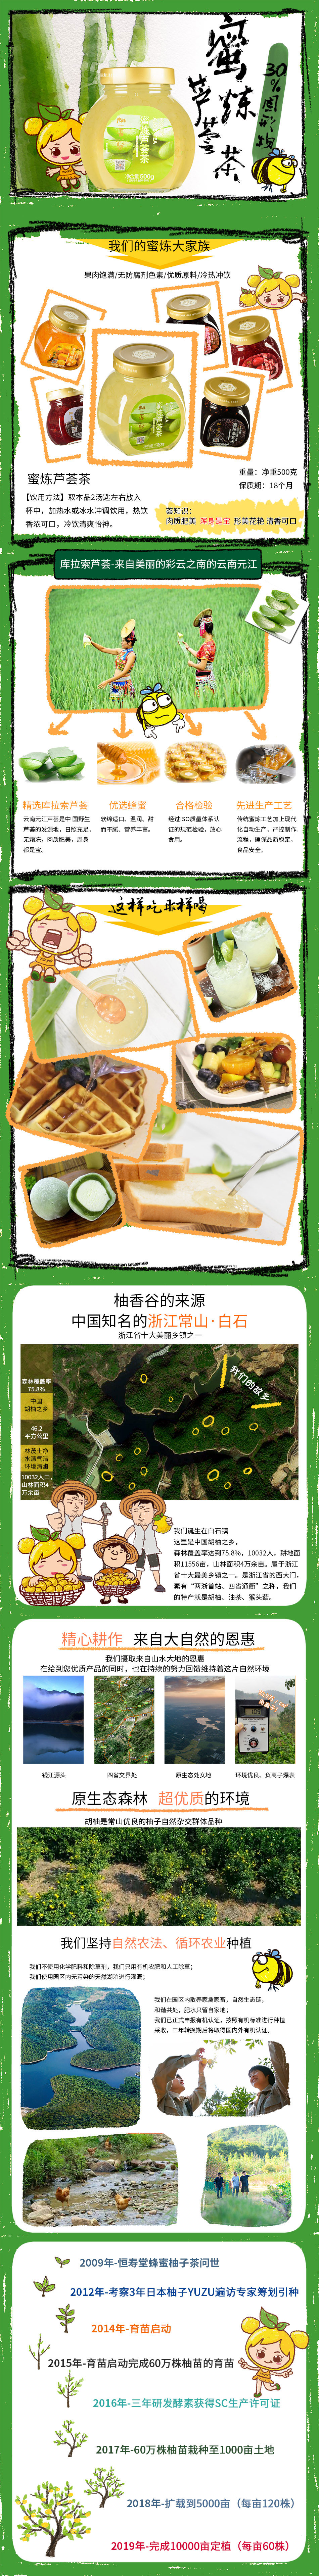 芦荟蜜炼500粗旷版